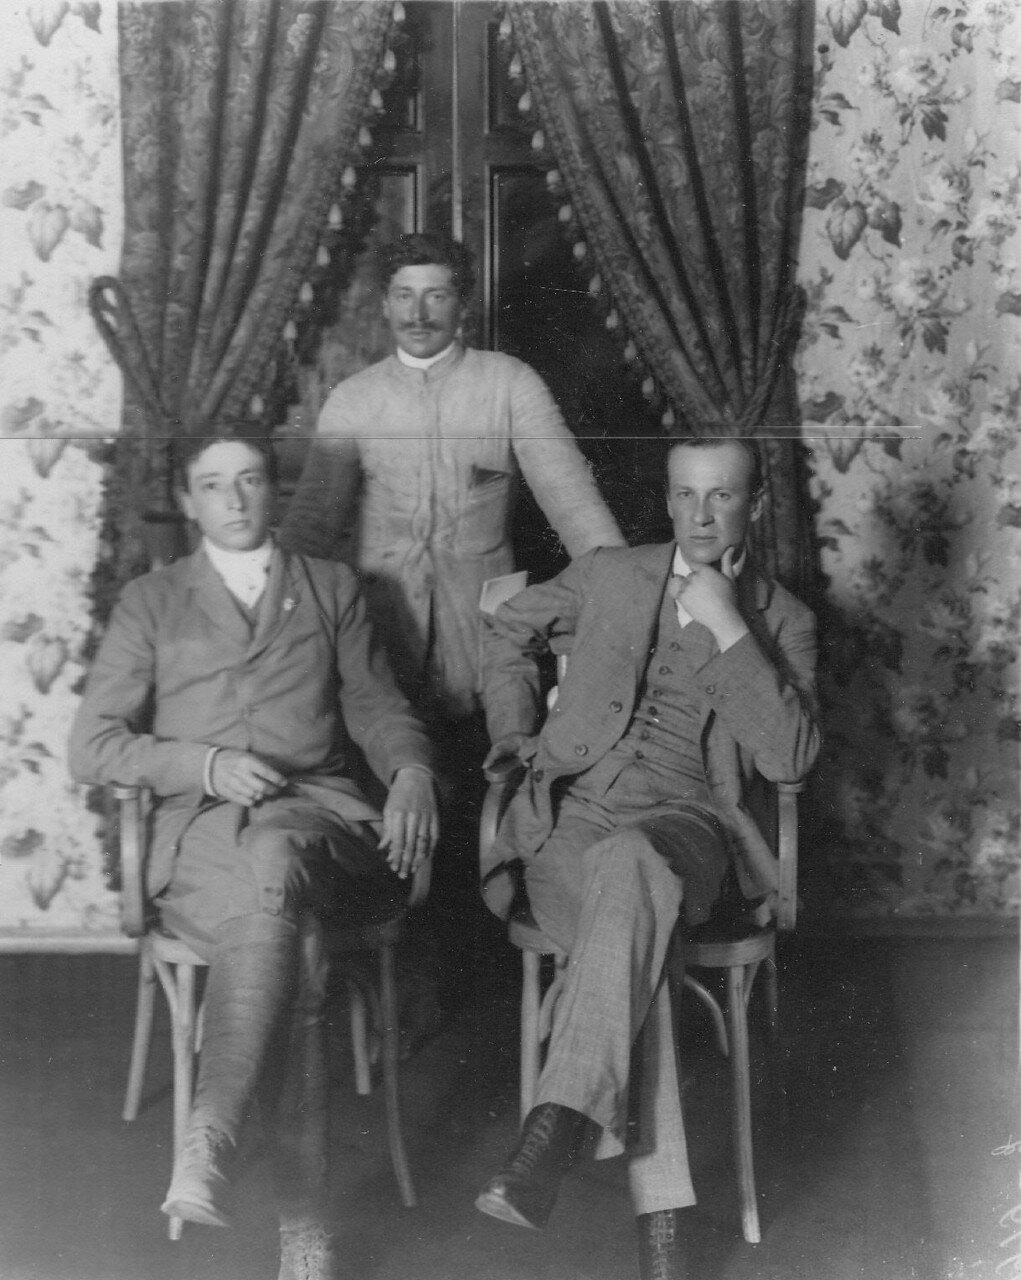 09. Группа участников пробега (слева направо) корреспондент Барцини, водитель Гицарди и князь Боргезе